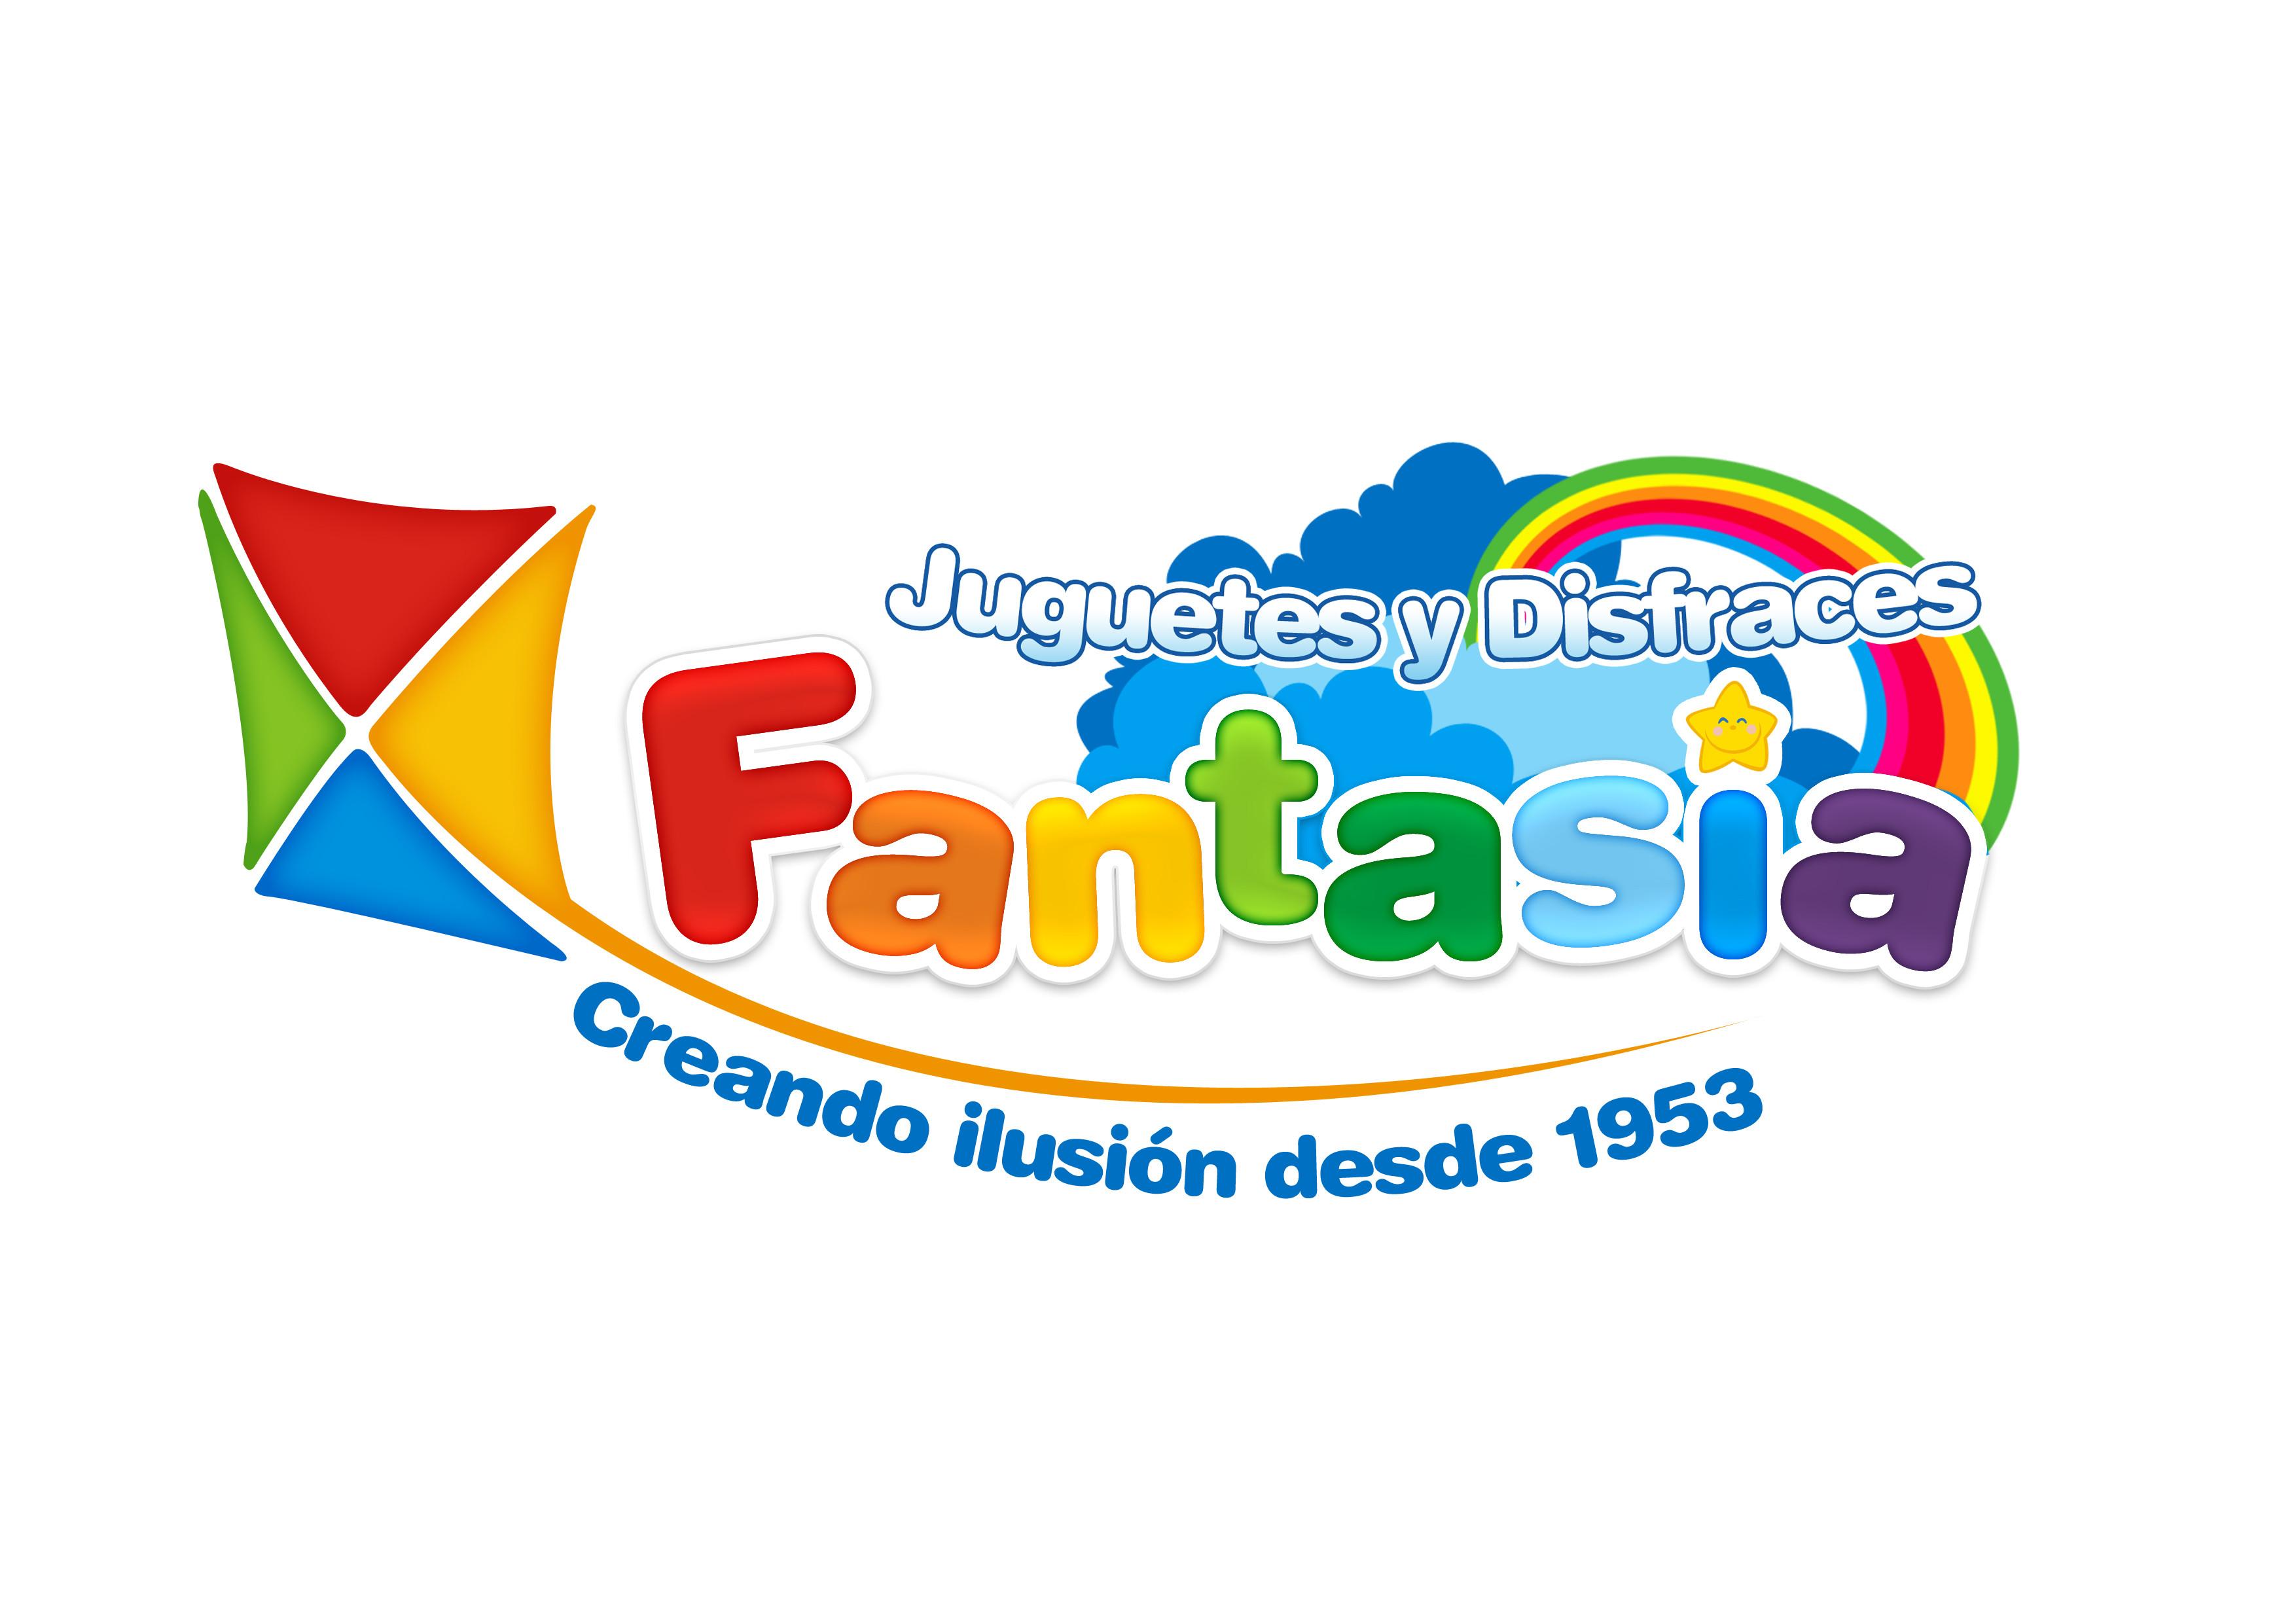 JuguetesFantasia.com